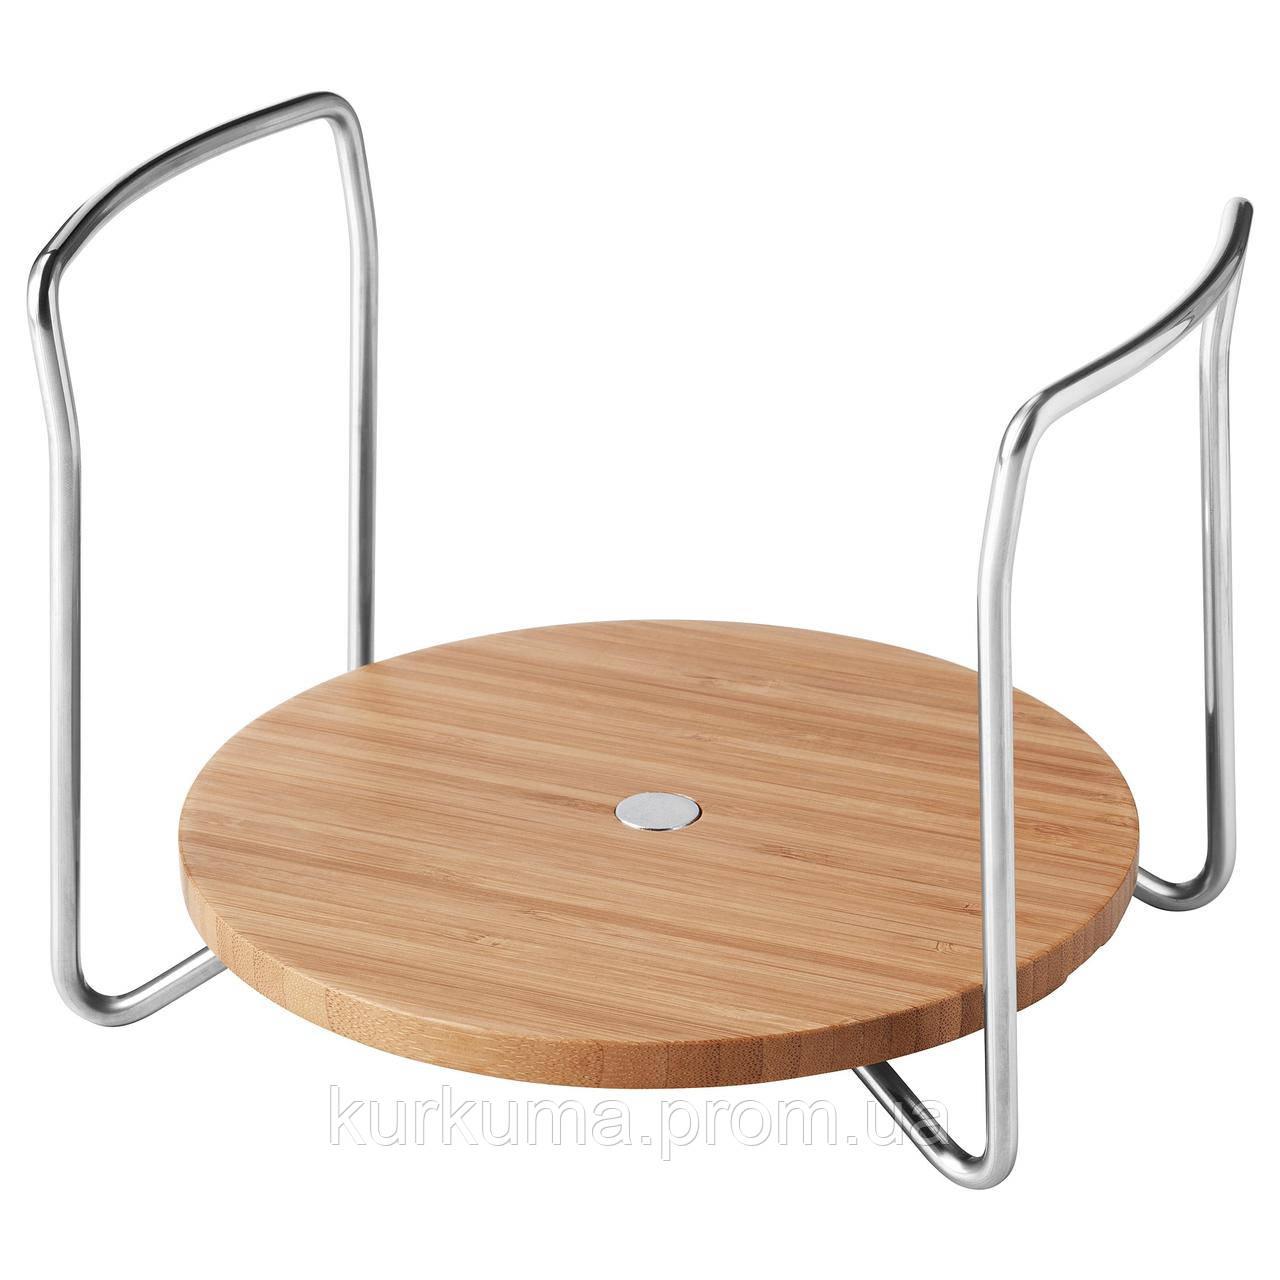 IKEA VARIERA Держатель для тарелок, бамбук  (303.846.95)